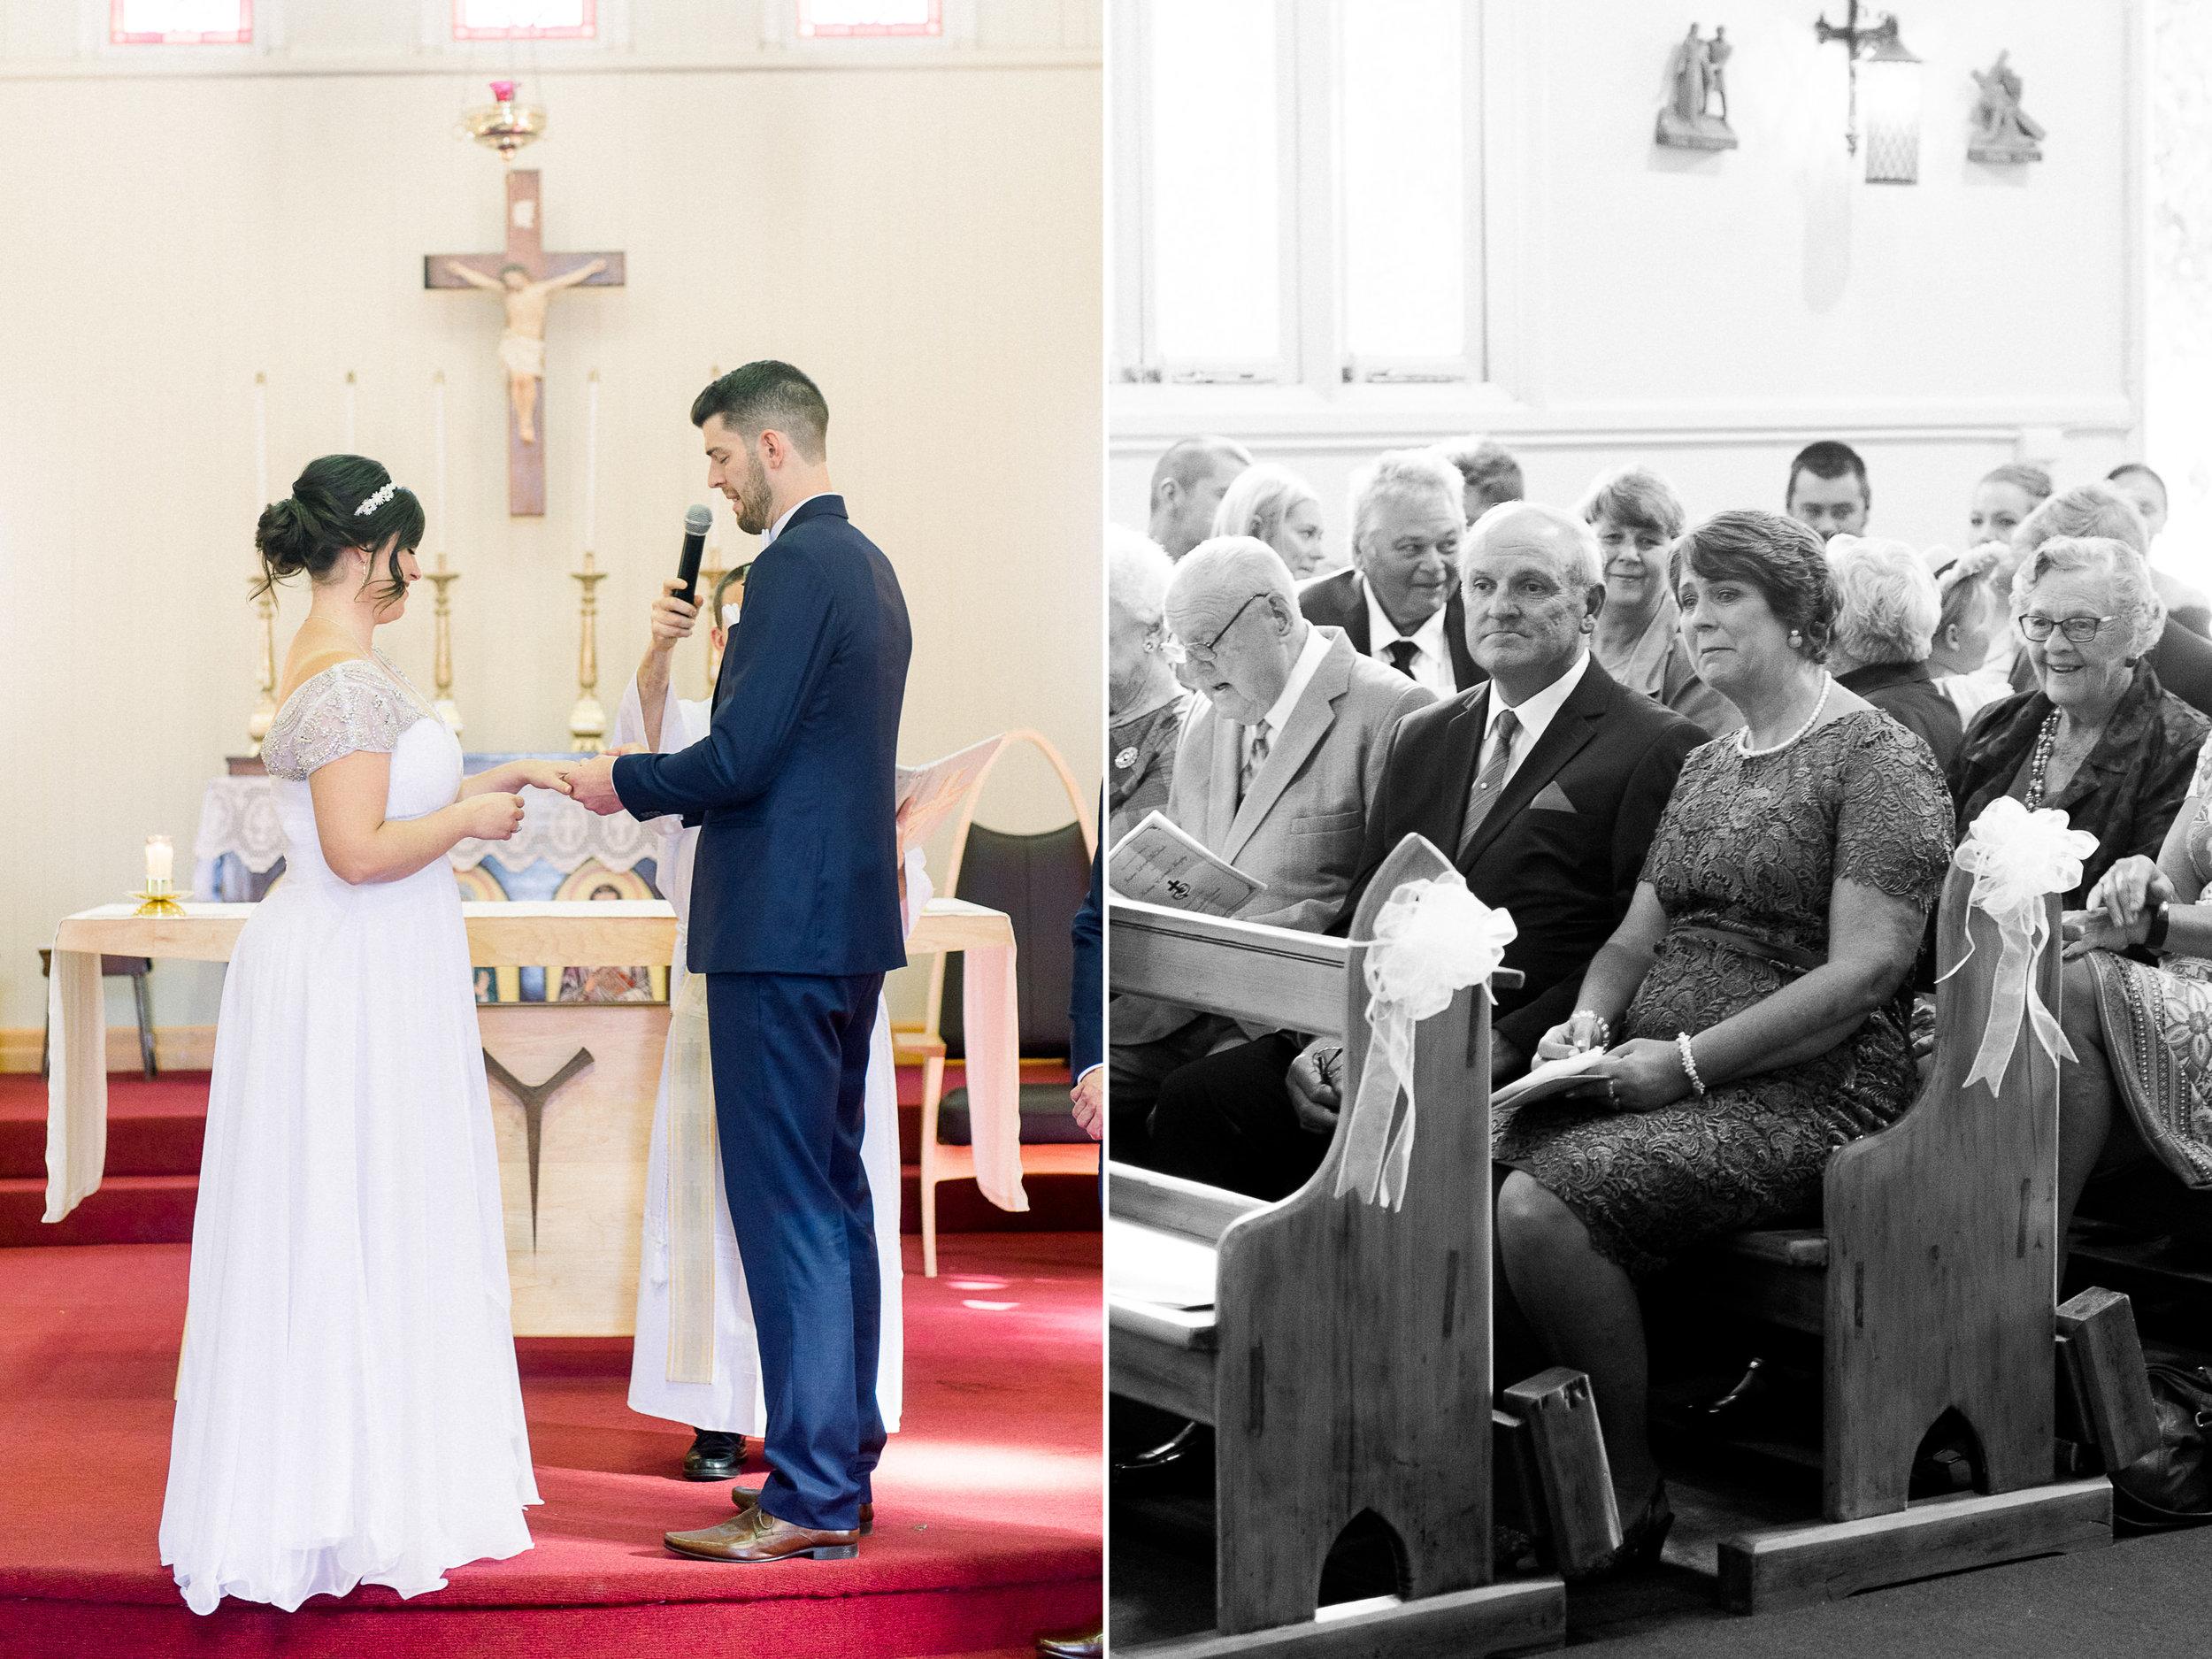 brisbane-city-wedding-photography-church-wedding-5.jpg